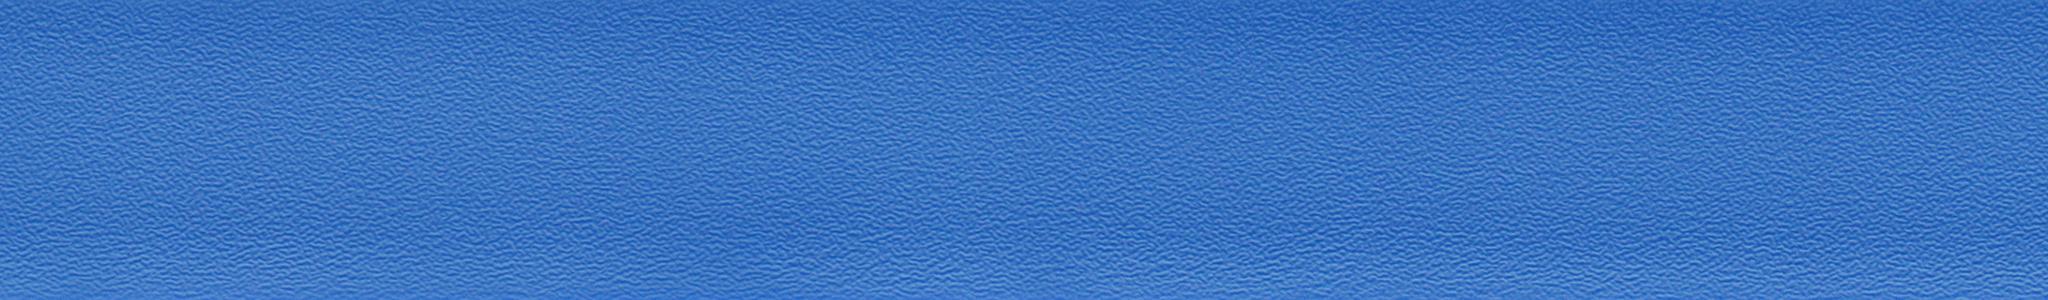 HU 15125 ABS hrana modrá perla 101